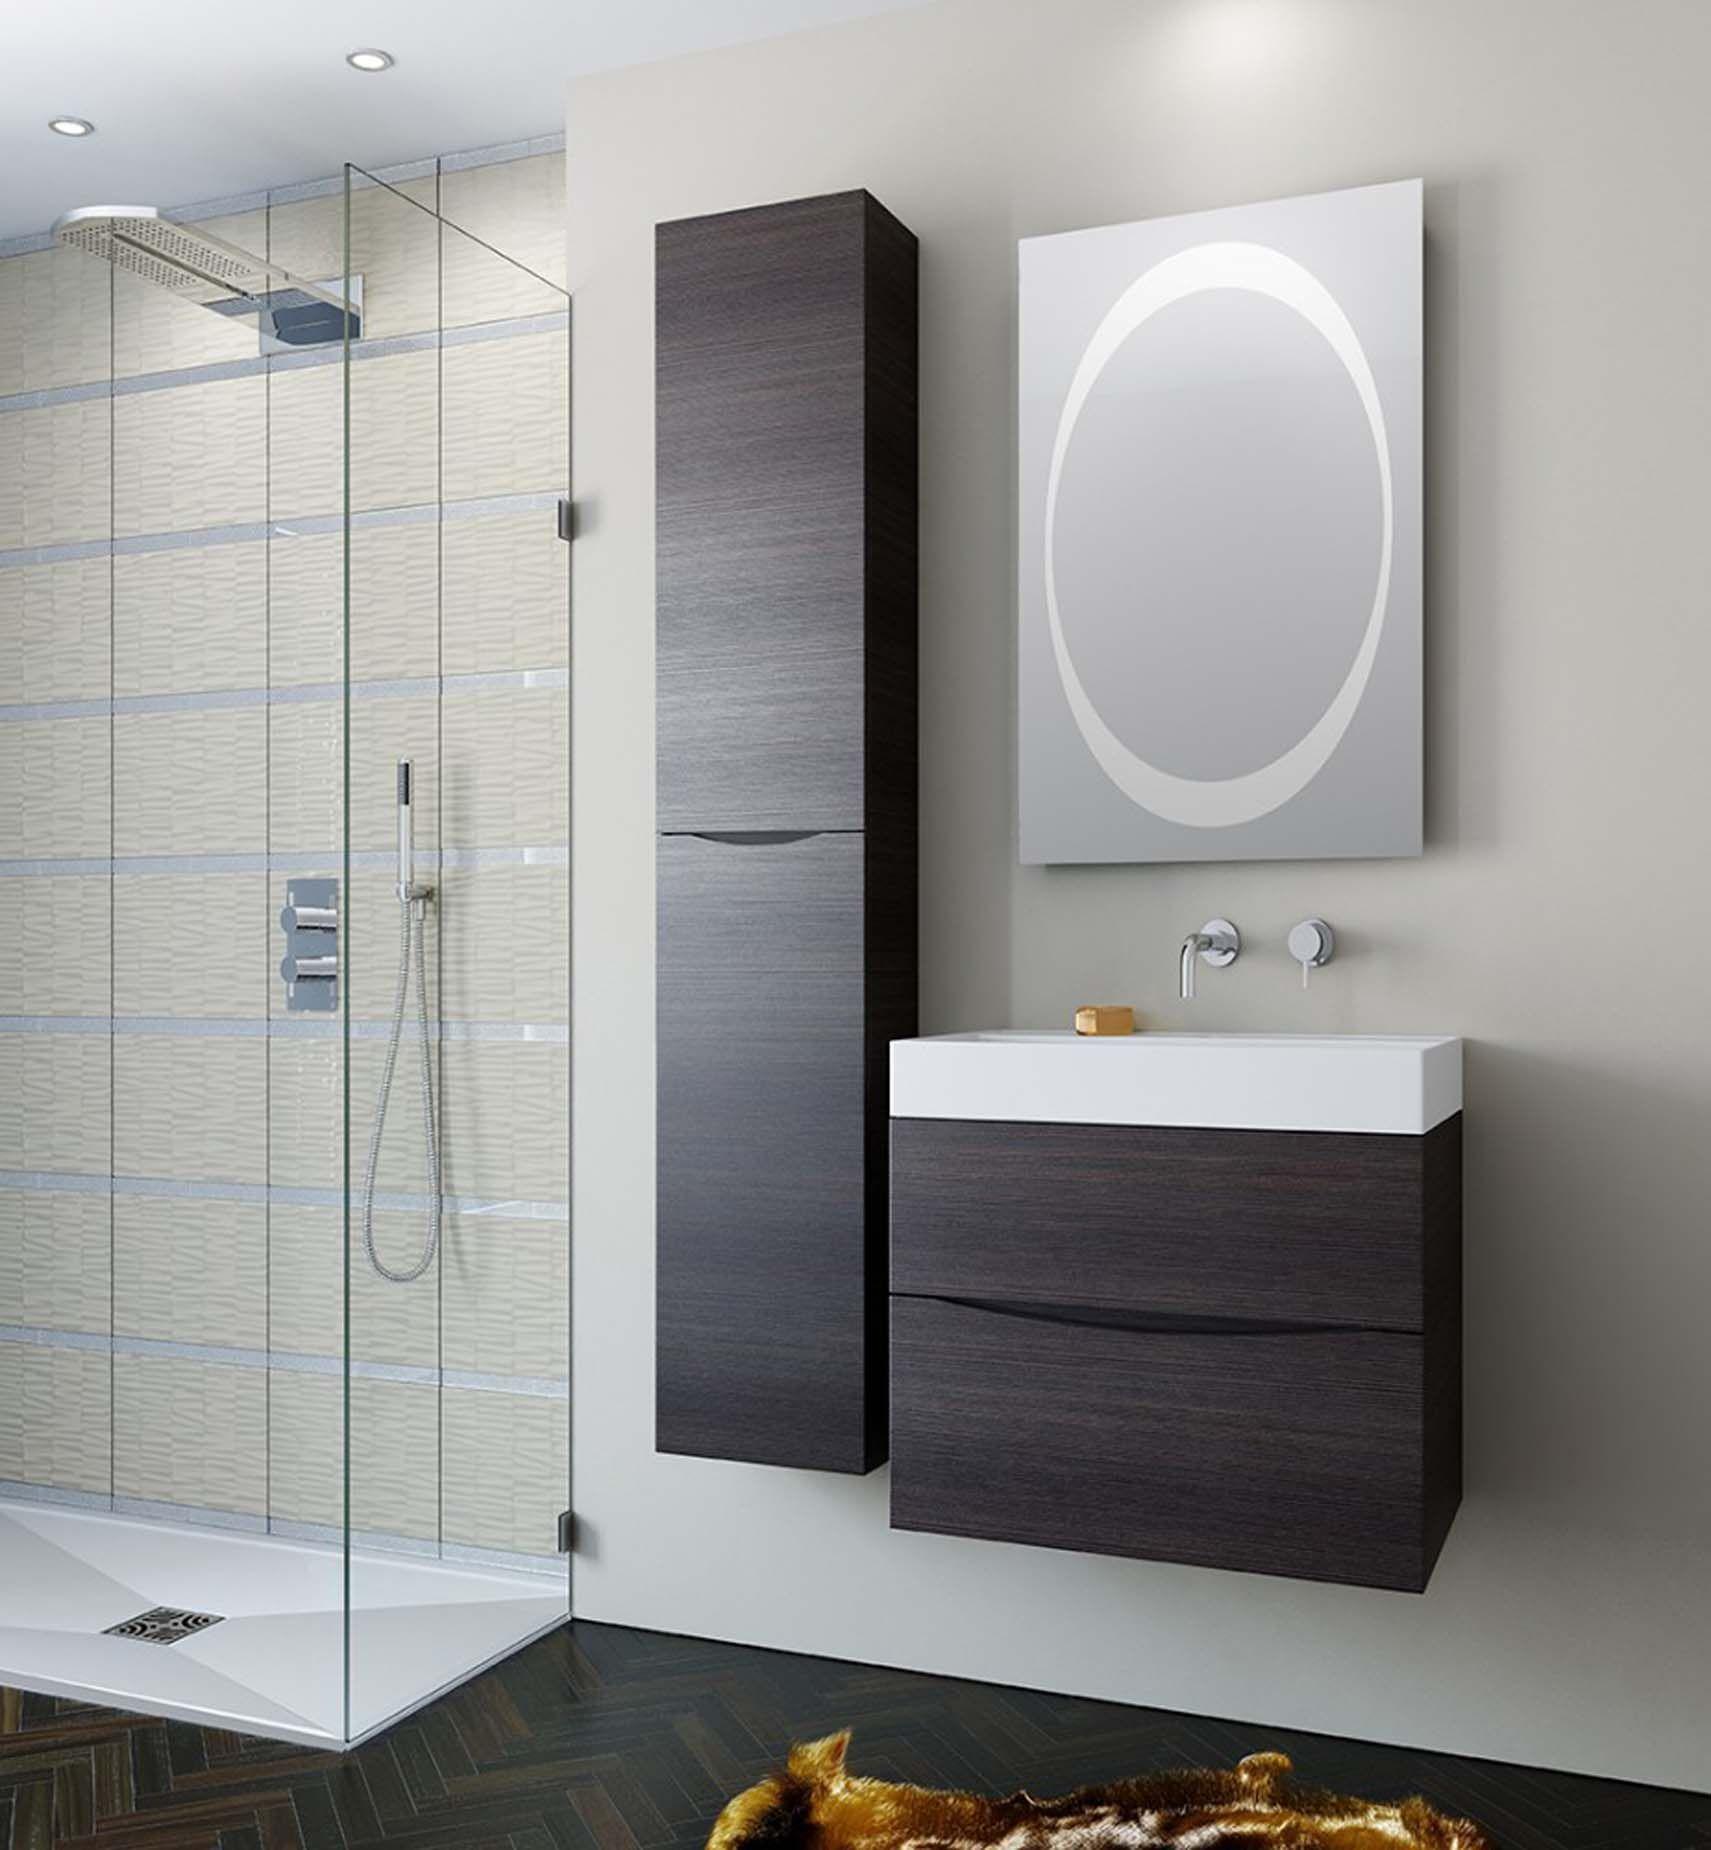 Badezimmer Storage Mobel Rucken Zur Wand Badezimmer Mobel Crosswater Unterschranke Badezimmer Mobel Ideen Bett Badezimmer Mobel Badezimmer Unterschrank